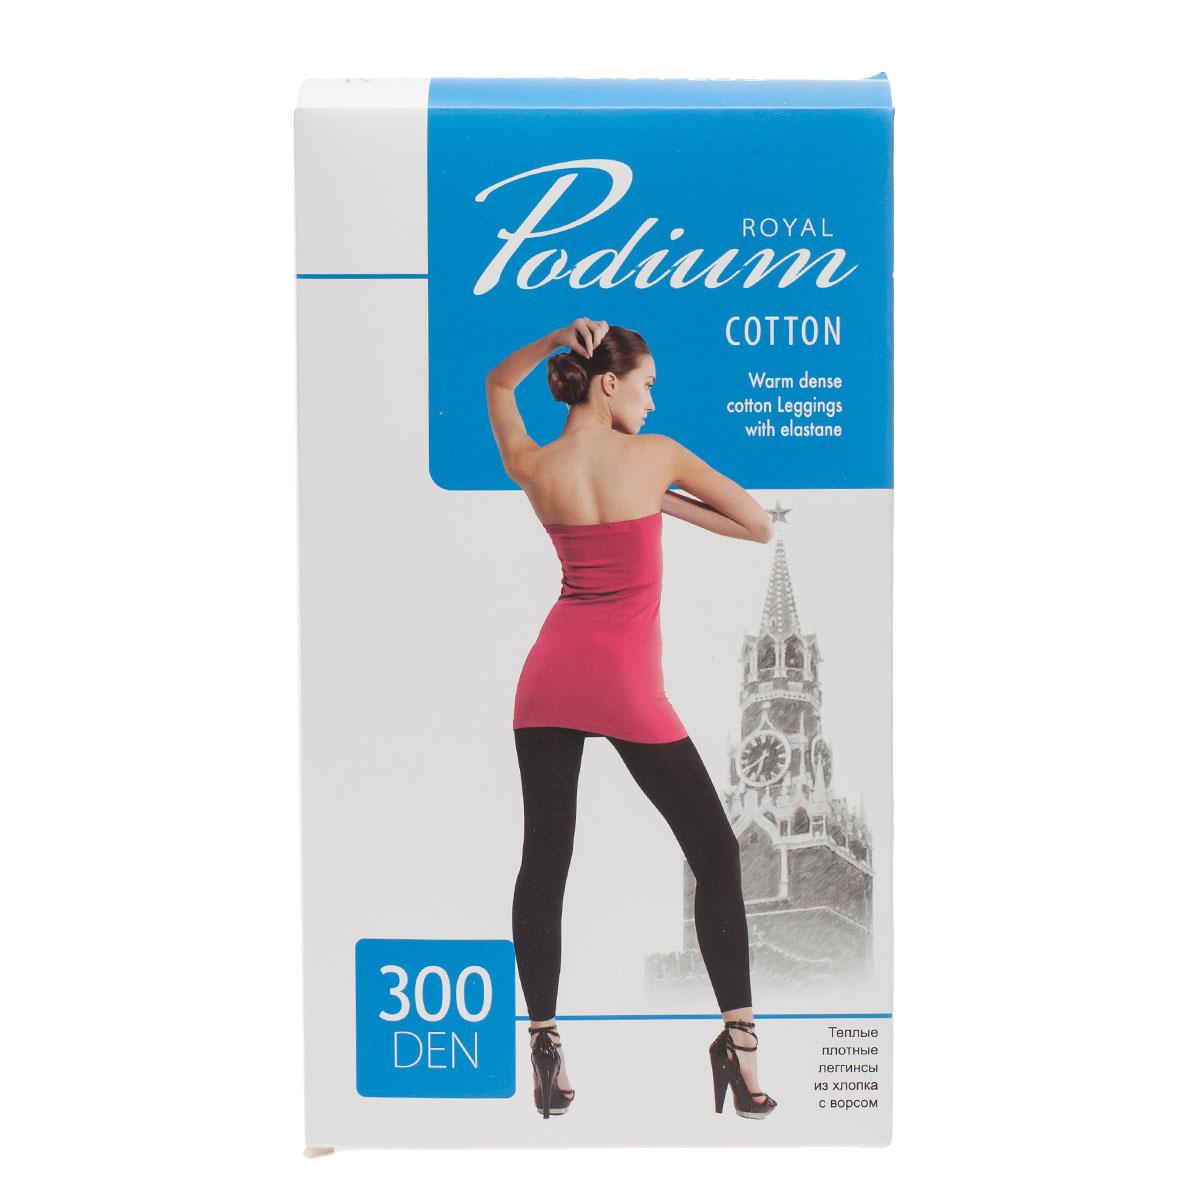 Леггинсы утепленные Royal Podium CottonPlus300, 4